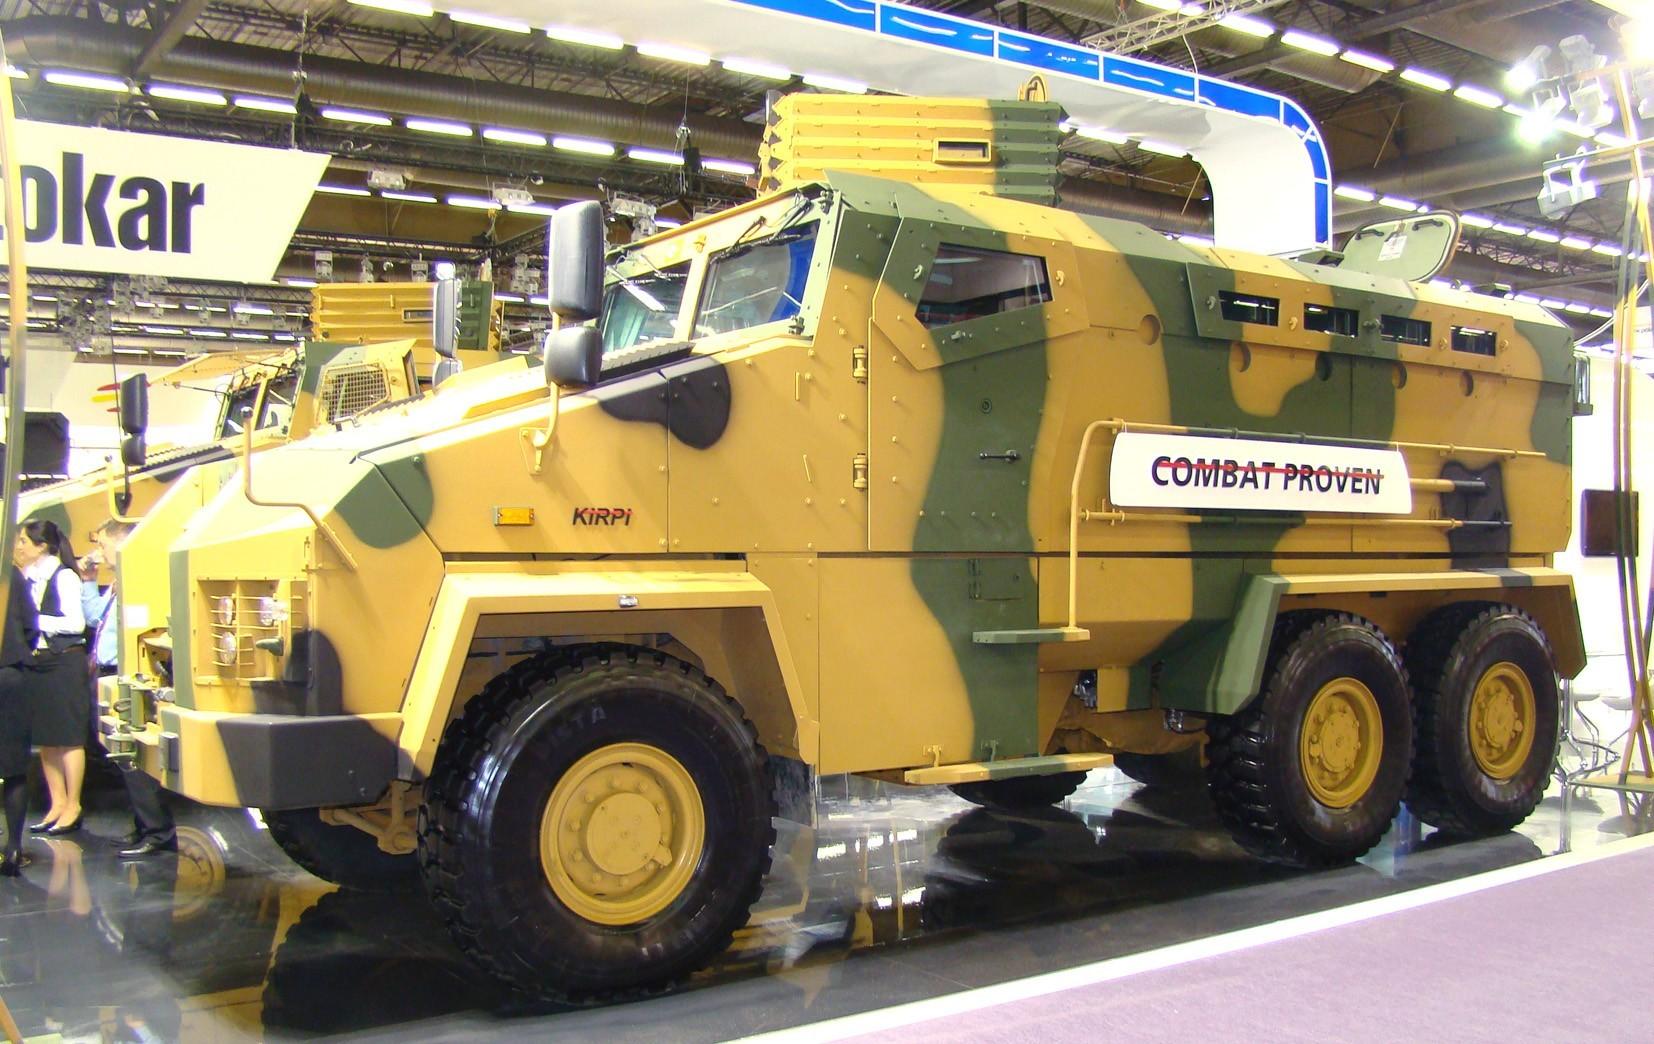 Опытный трехосный бронетранспортер Kirpi с противоминной защитой